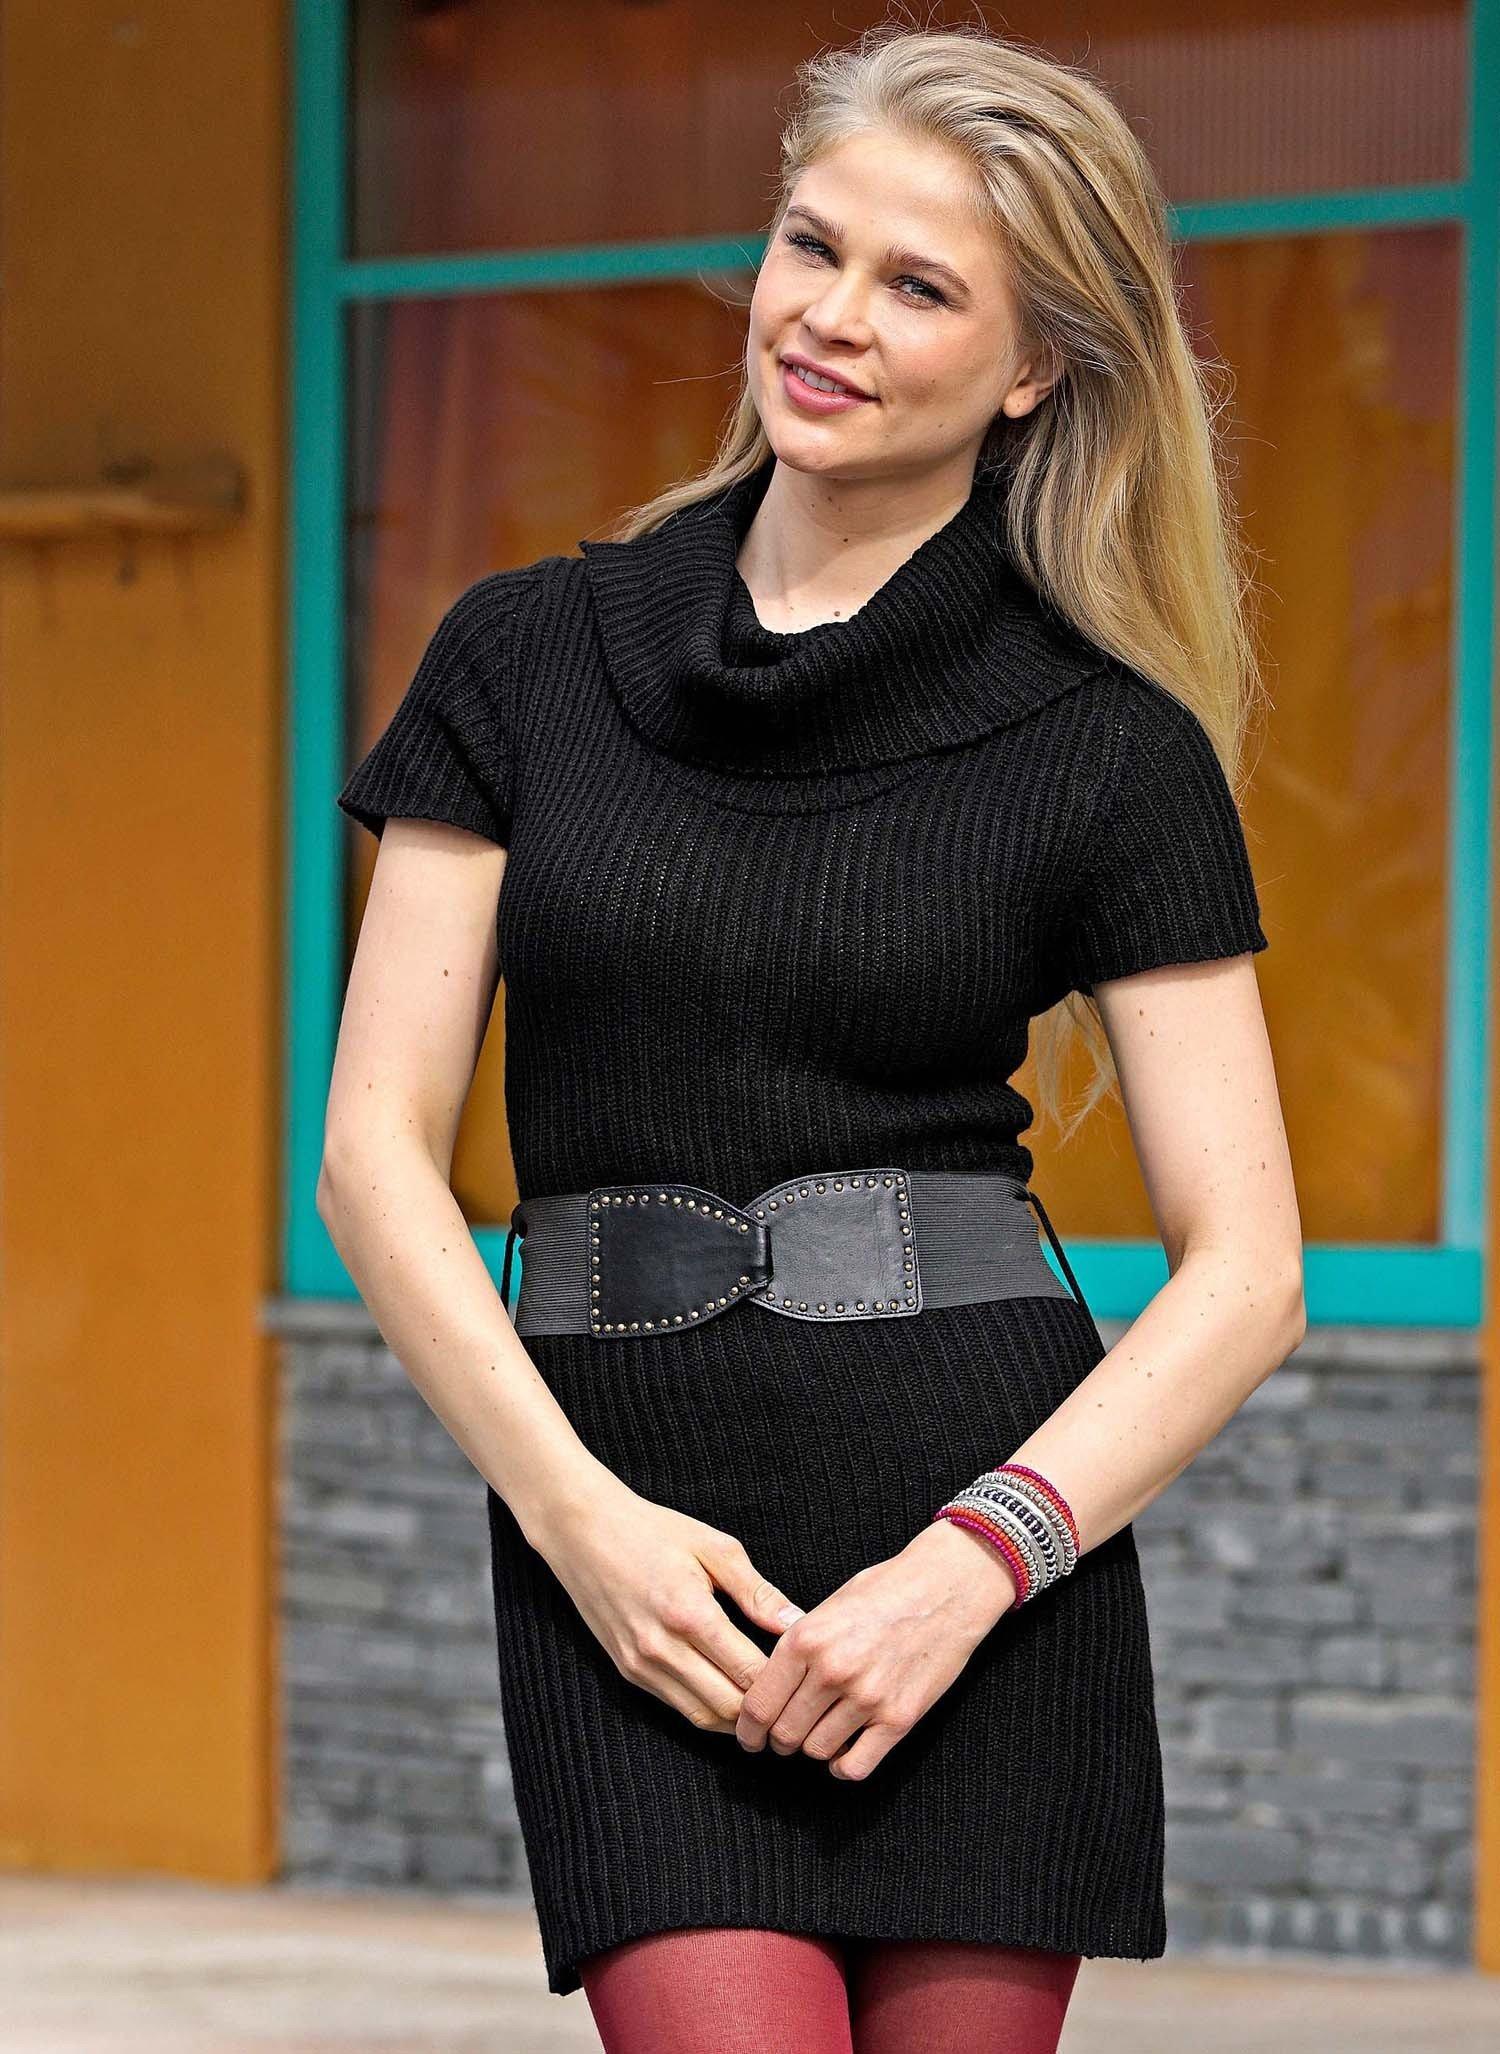 D-Strick-Kleid,Gurt schwarz XL 010 - 1 - Ronja.ch